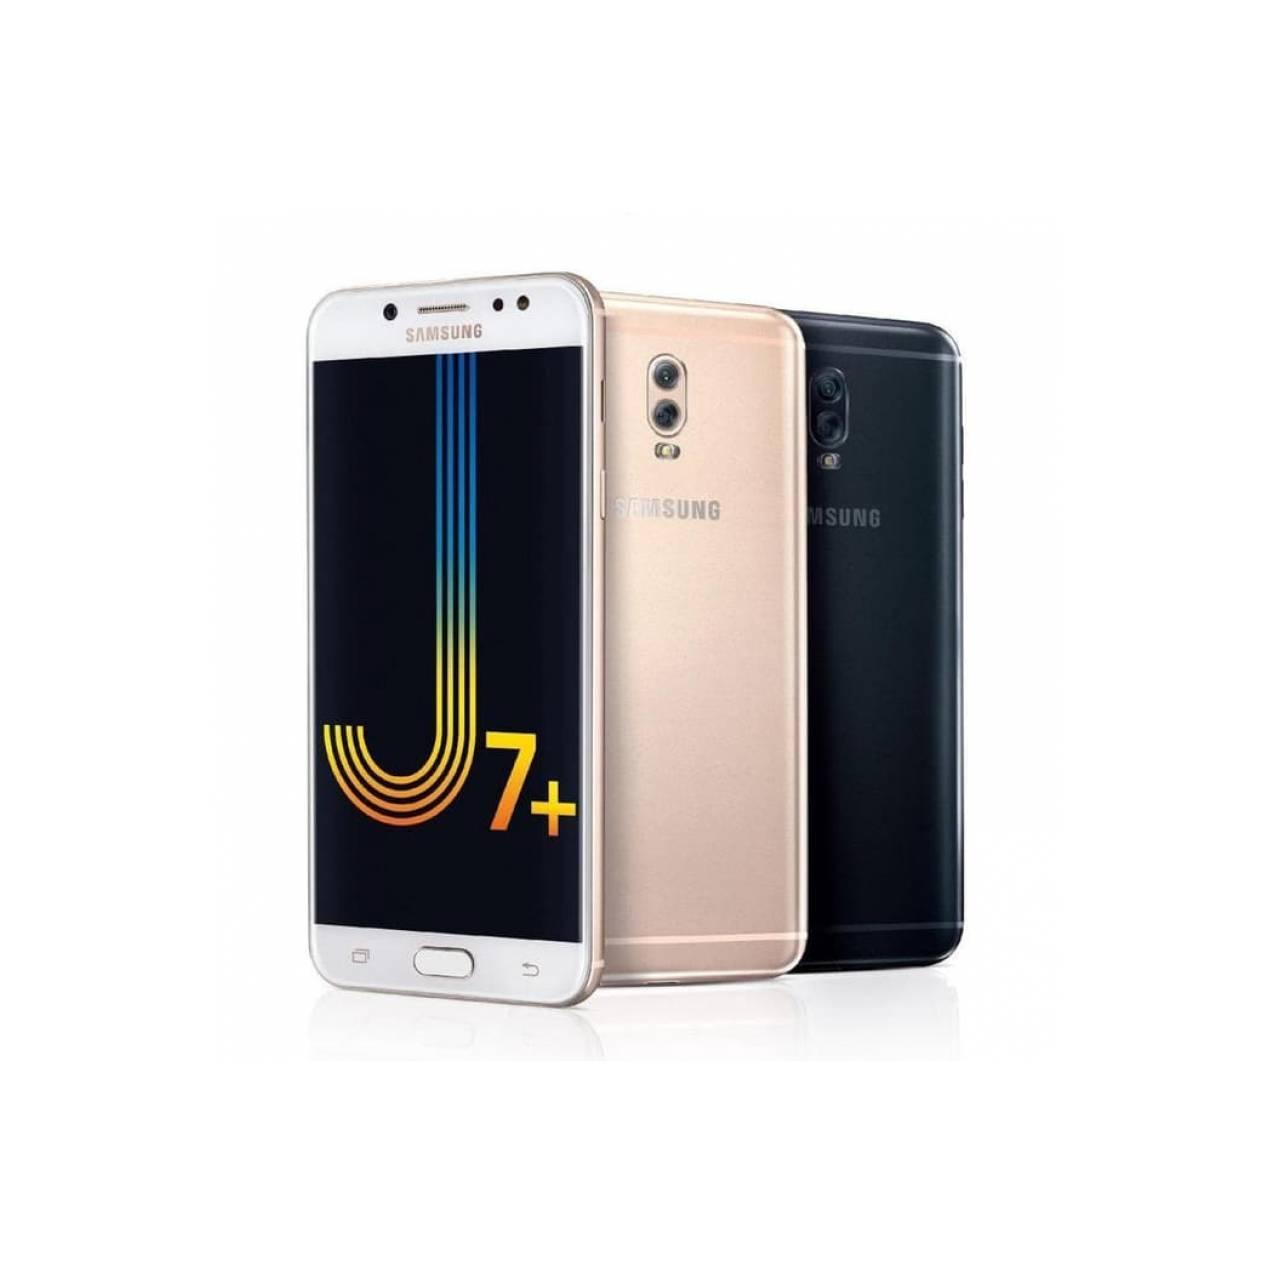 Harga Handphone Samsung Keluaran Baru November 2018 Situs Marketplace Ada Bonus J1 Ace Garansi Resmi Sein Original Bnib Segel Hp J7 Plus C701 Ram 4gb